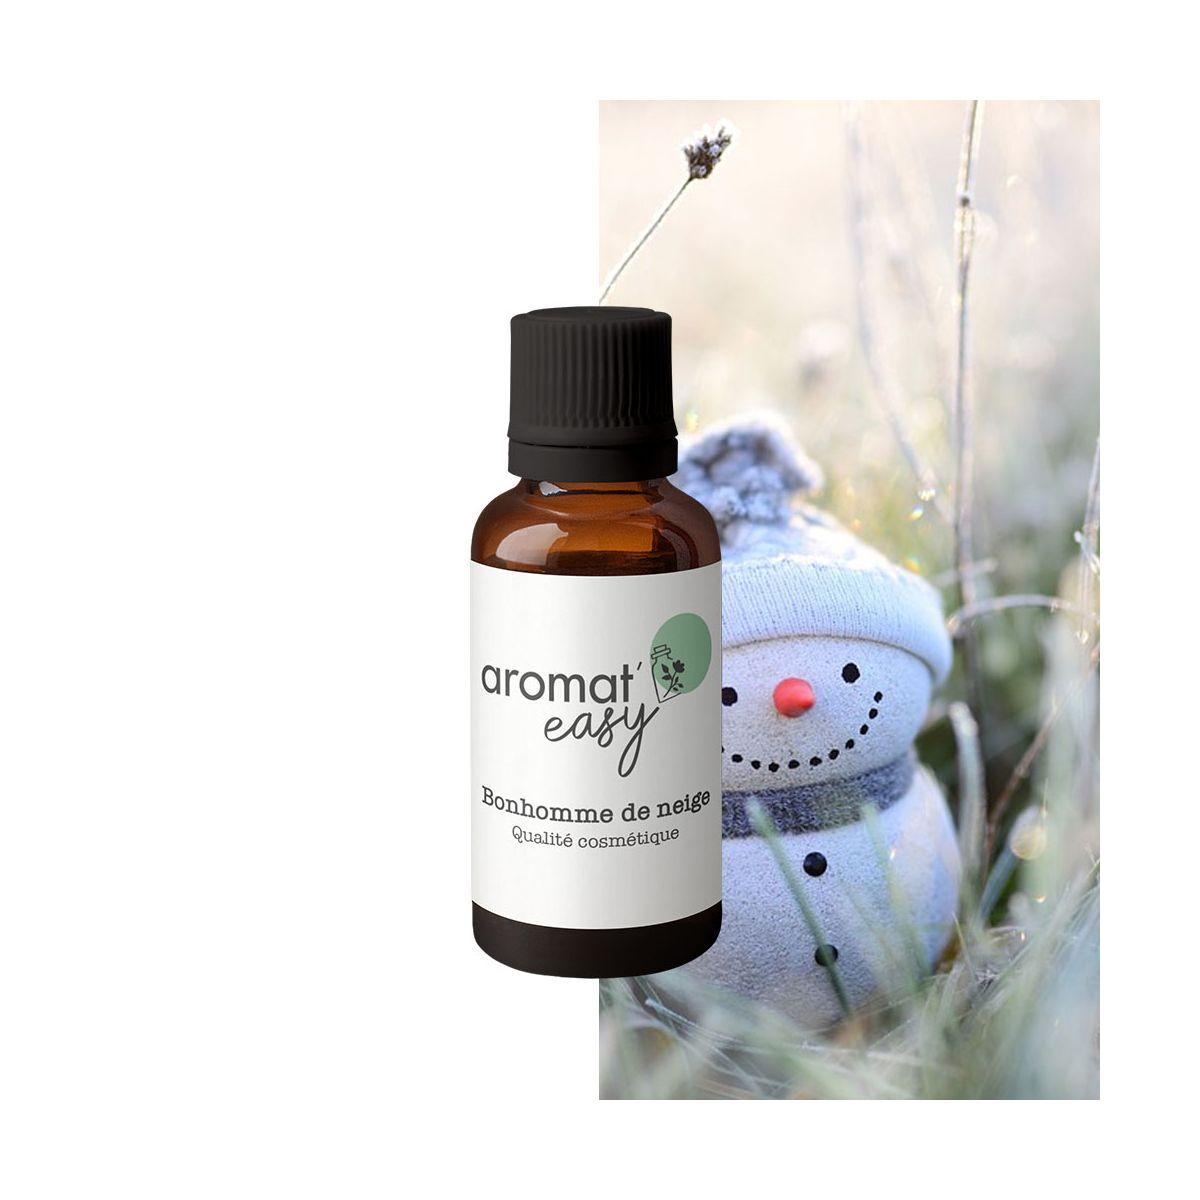 Fragrance Bonhomme de neige